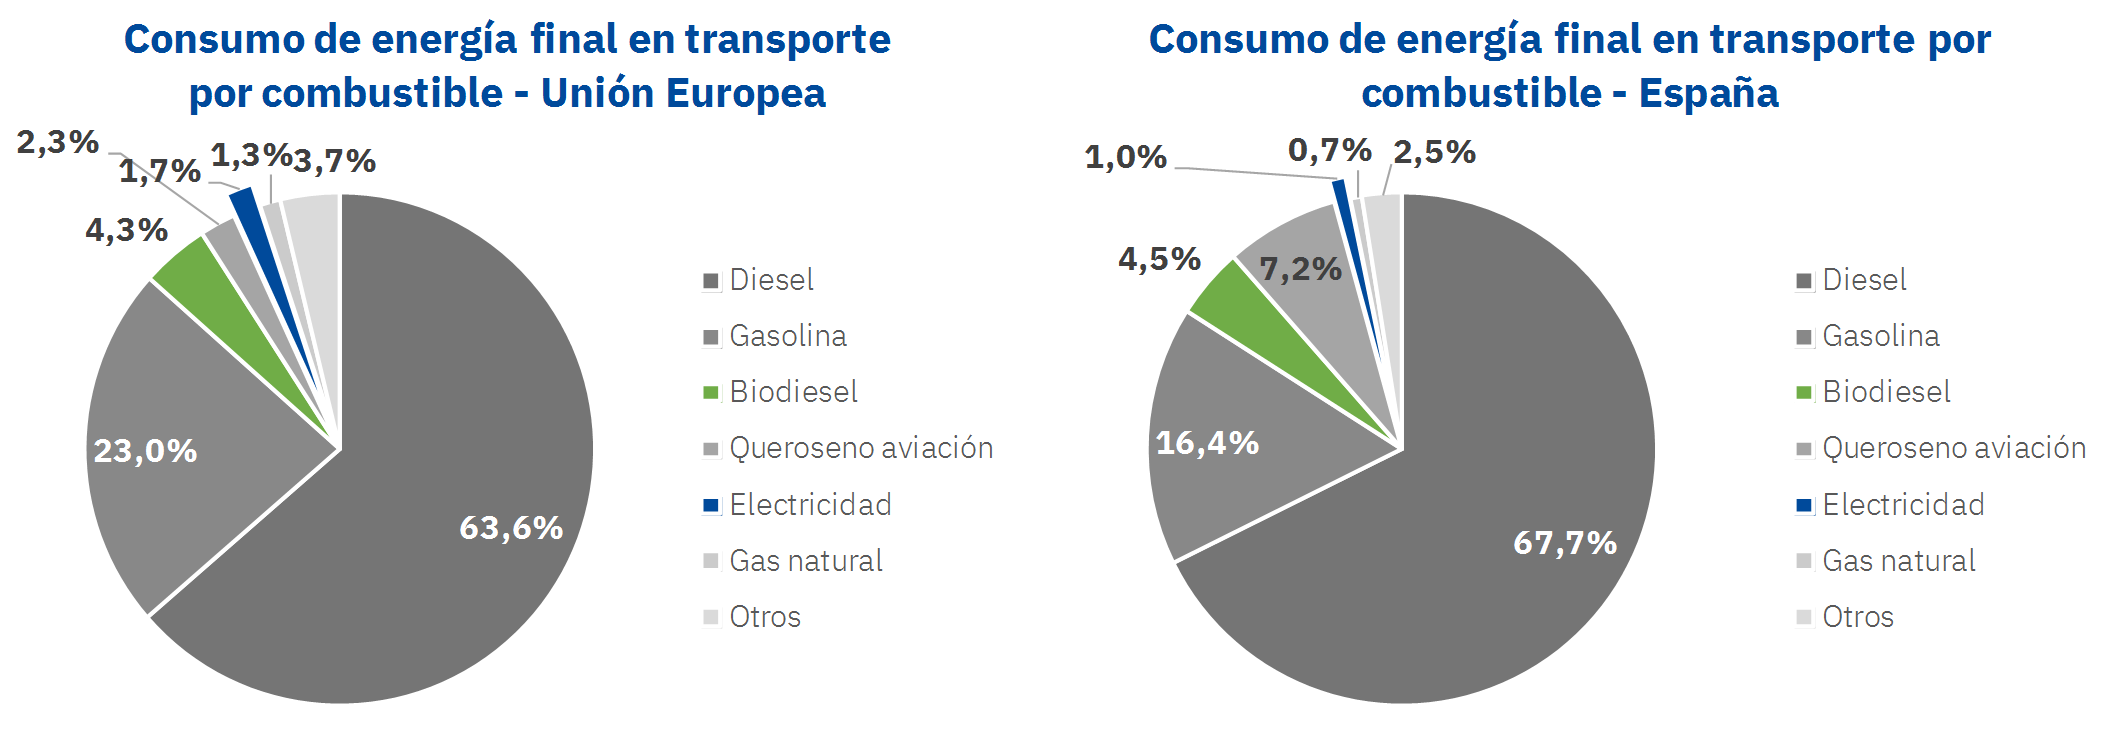 Consumo de energía final del transporte en la Unión Europea